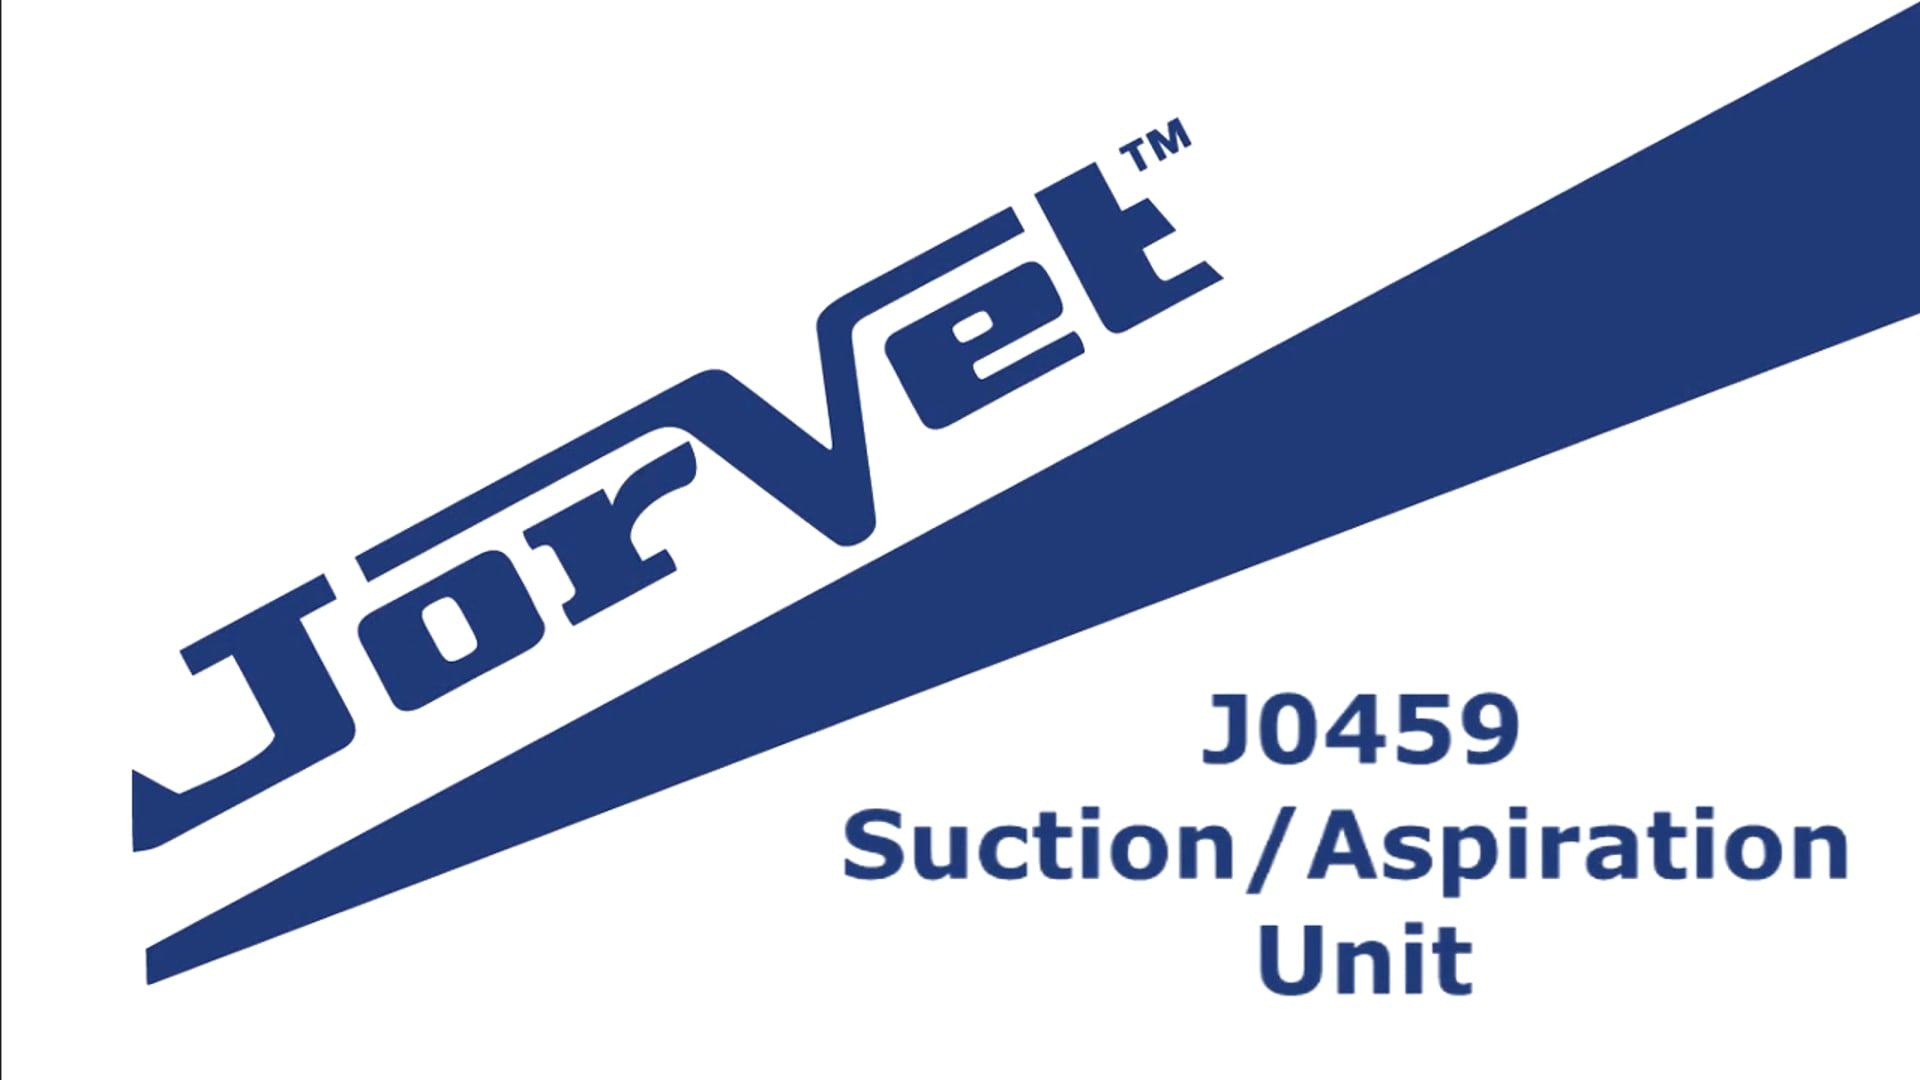 Jorvet Suction/Aspiration Unit J0459